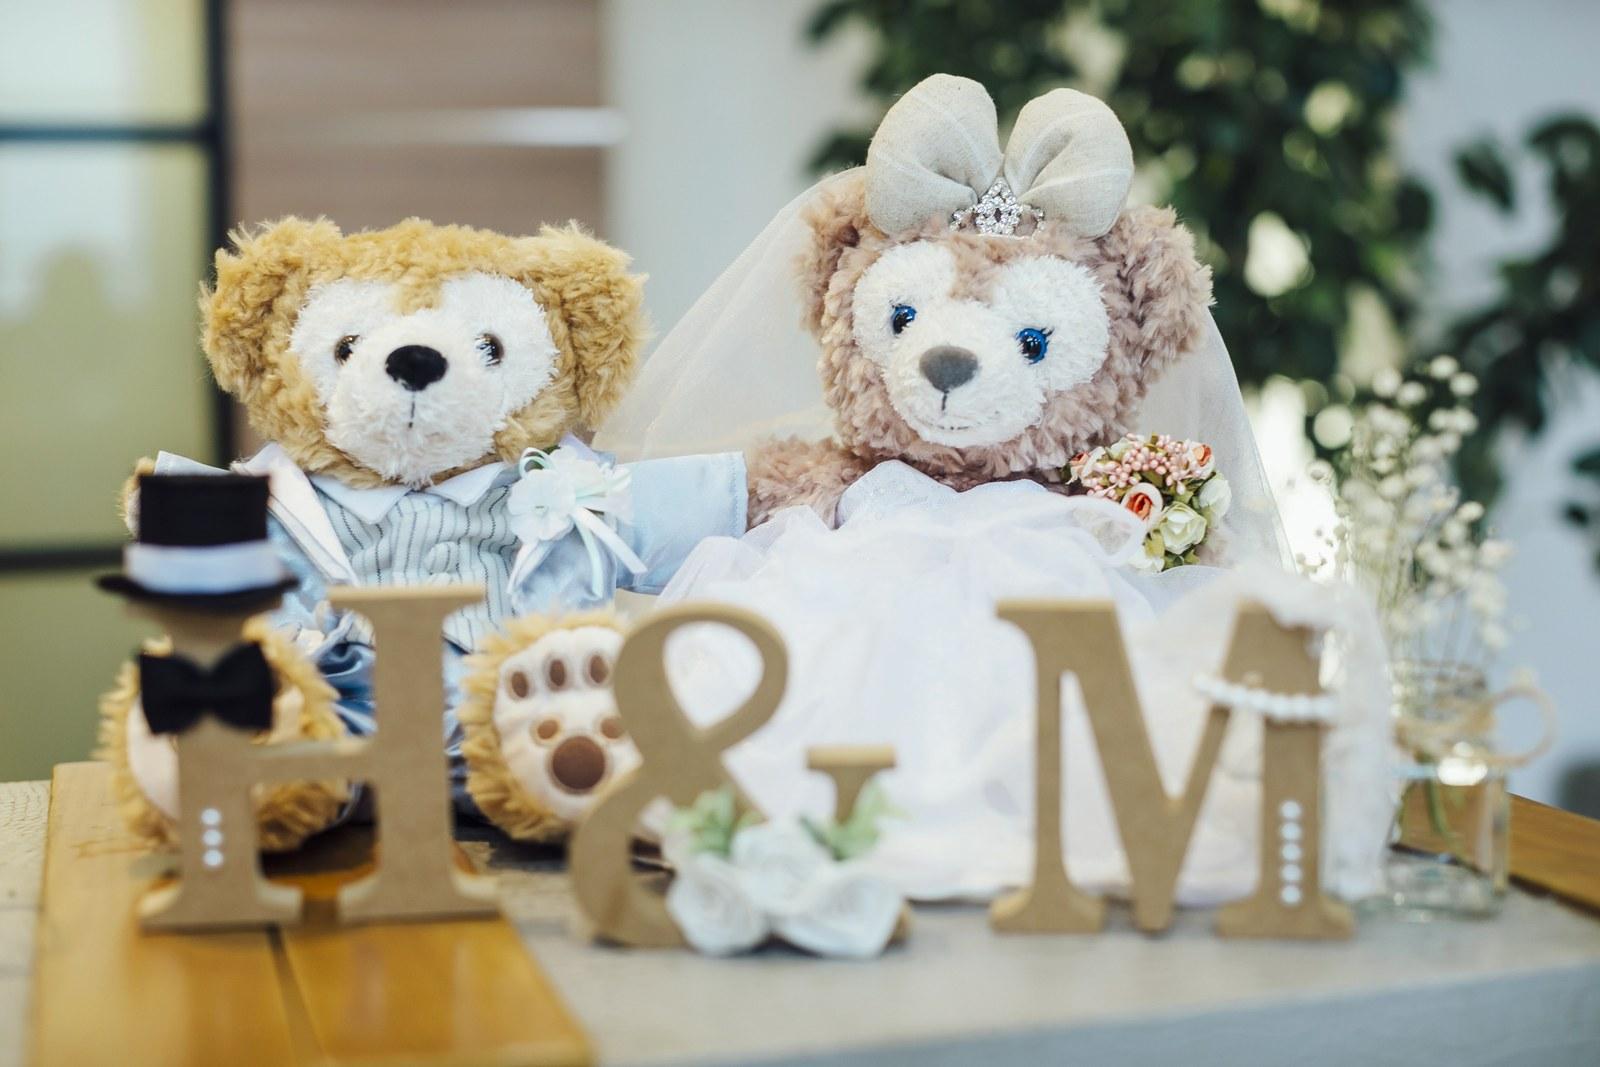 香川県の結婚式場のシェルエメール&アイスタイル ウェルカムドール